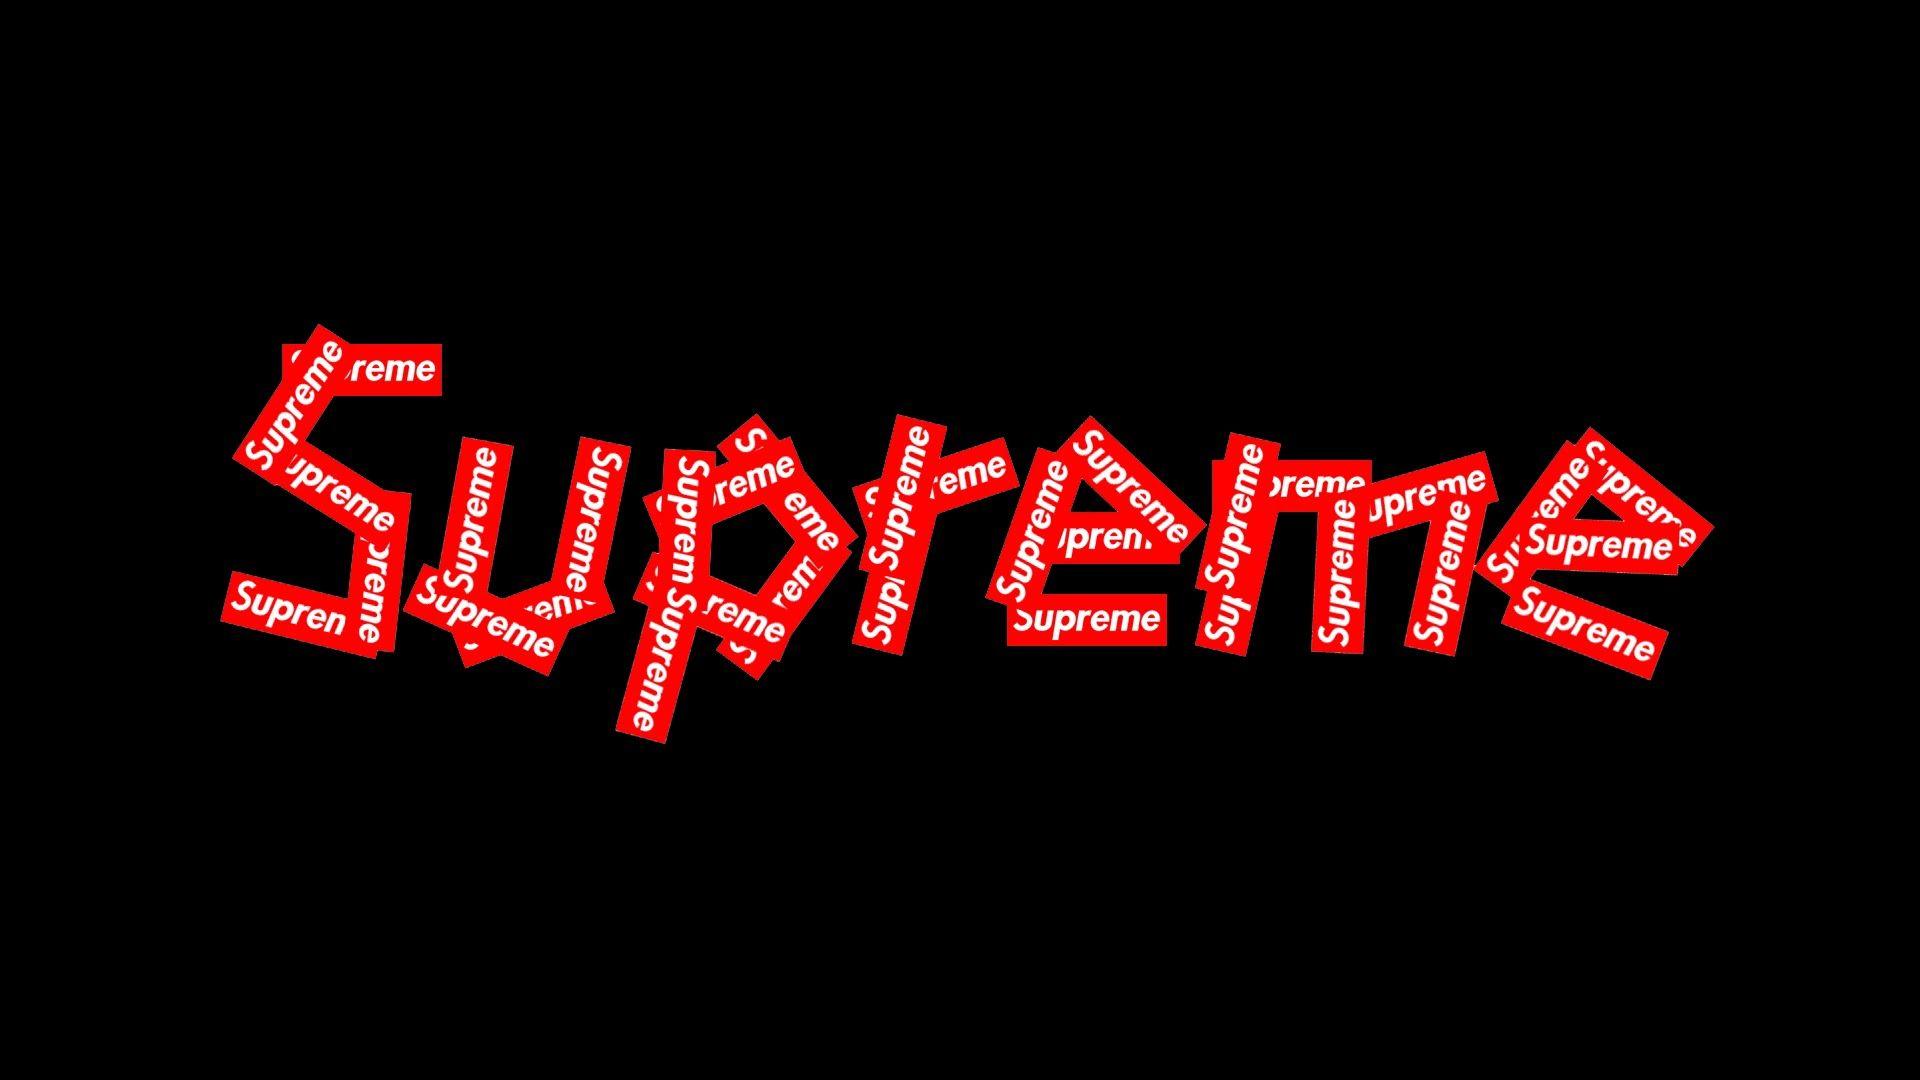 Supreme 1080p Background Picture Image 1920x1080